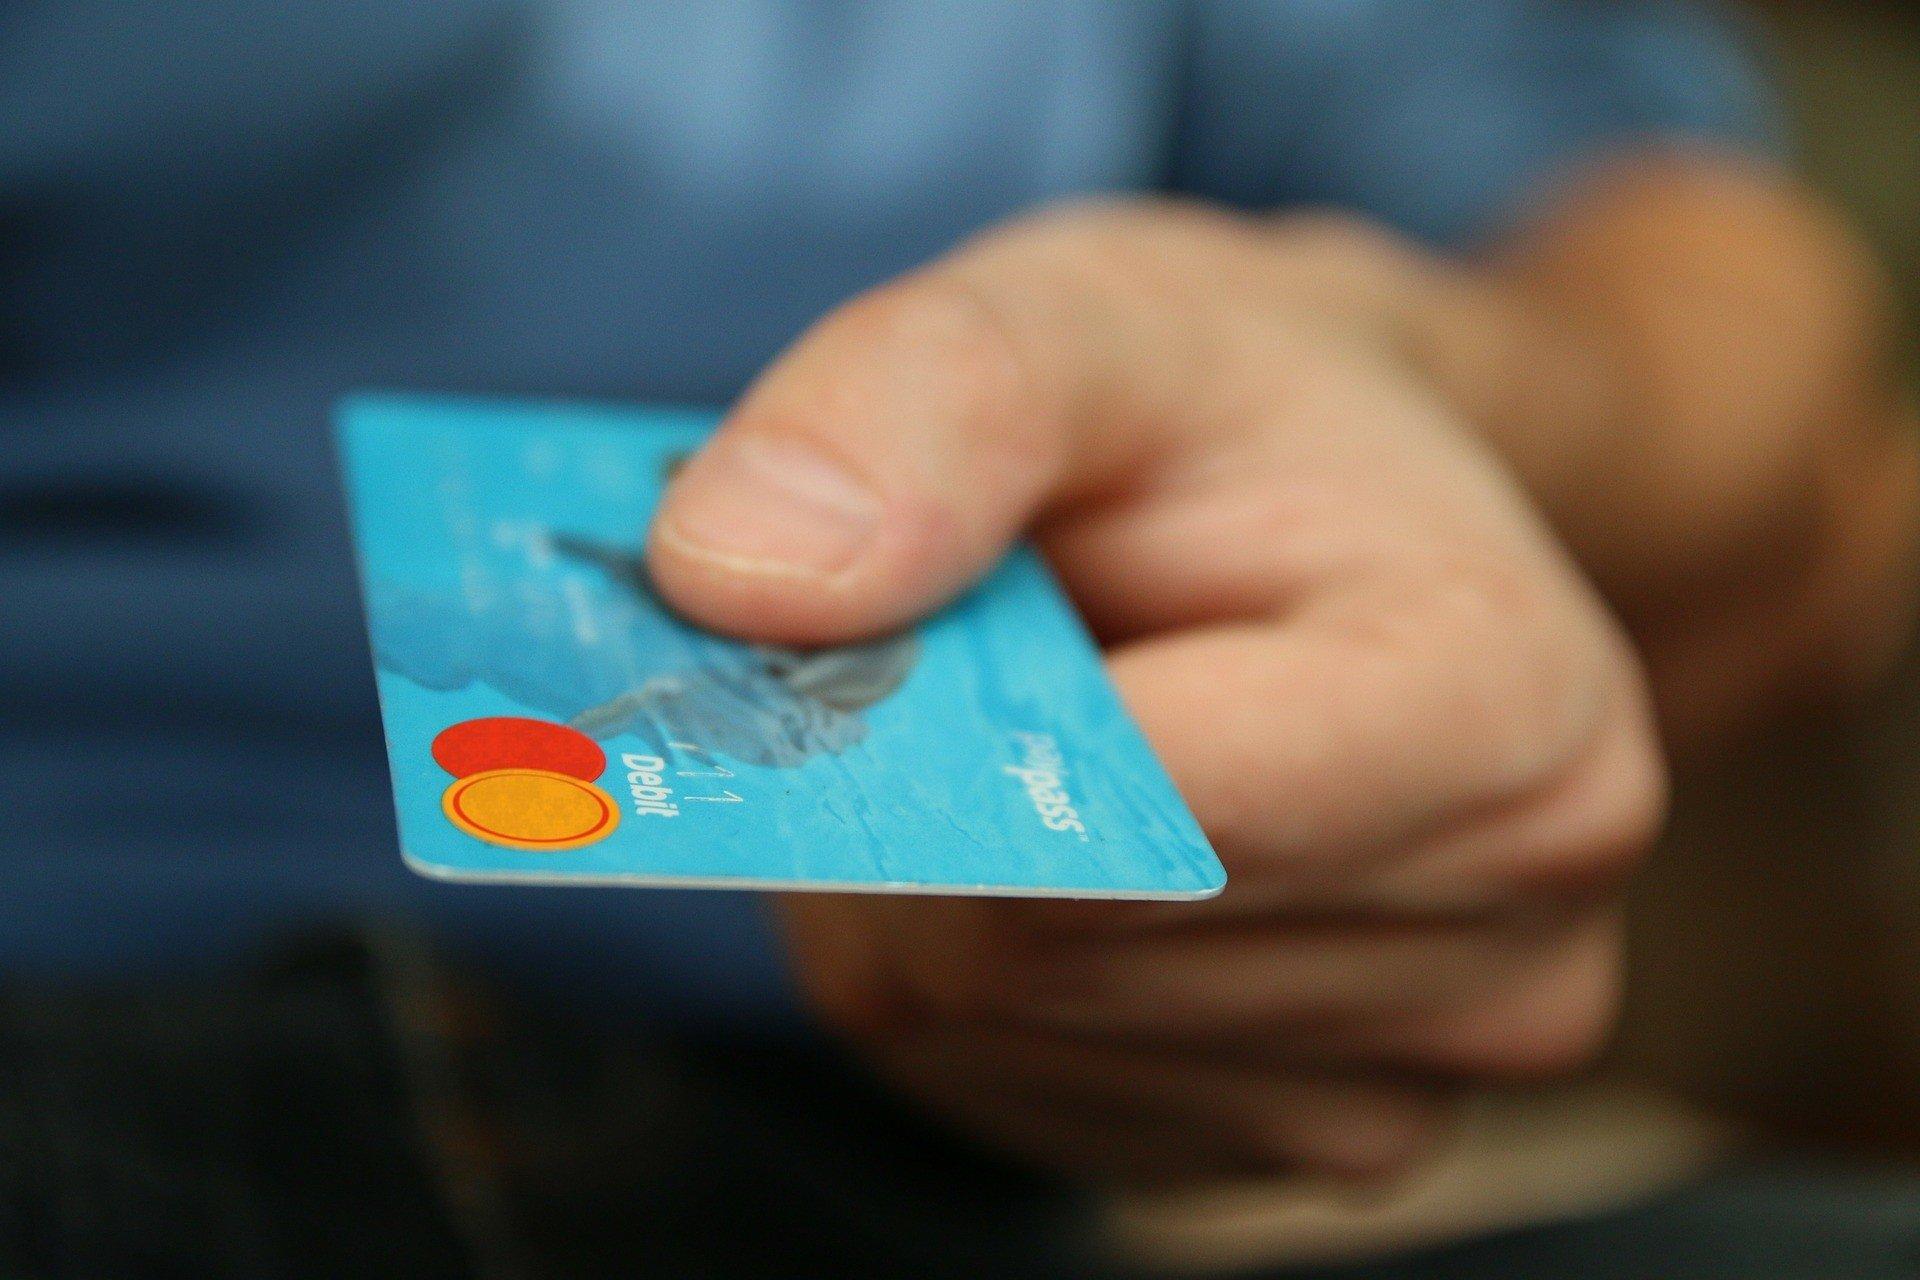 Кредит на карту становится популярным инструментом для быстрого решения проблем